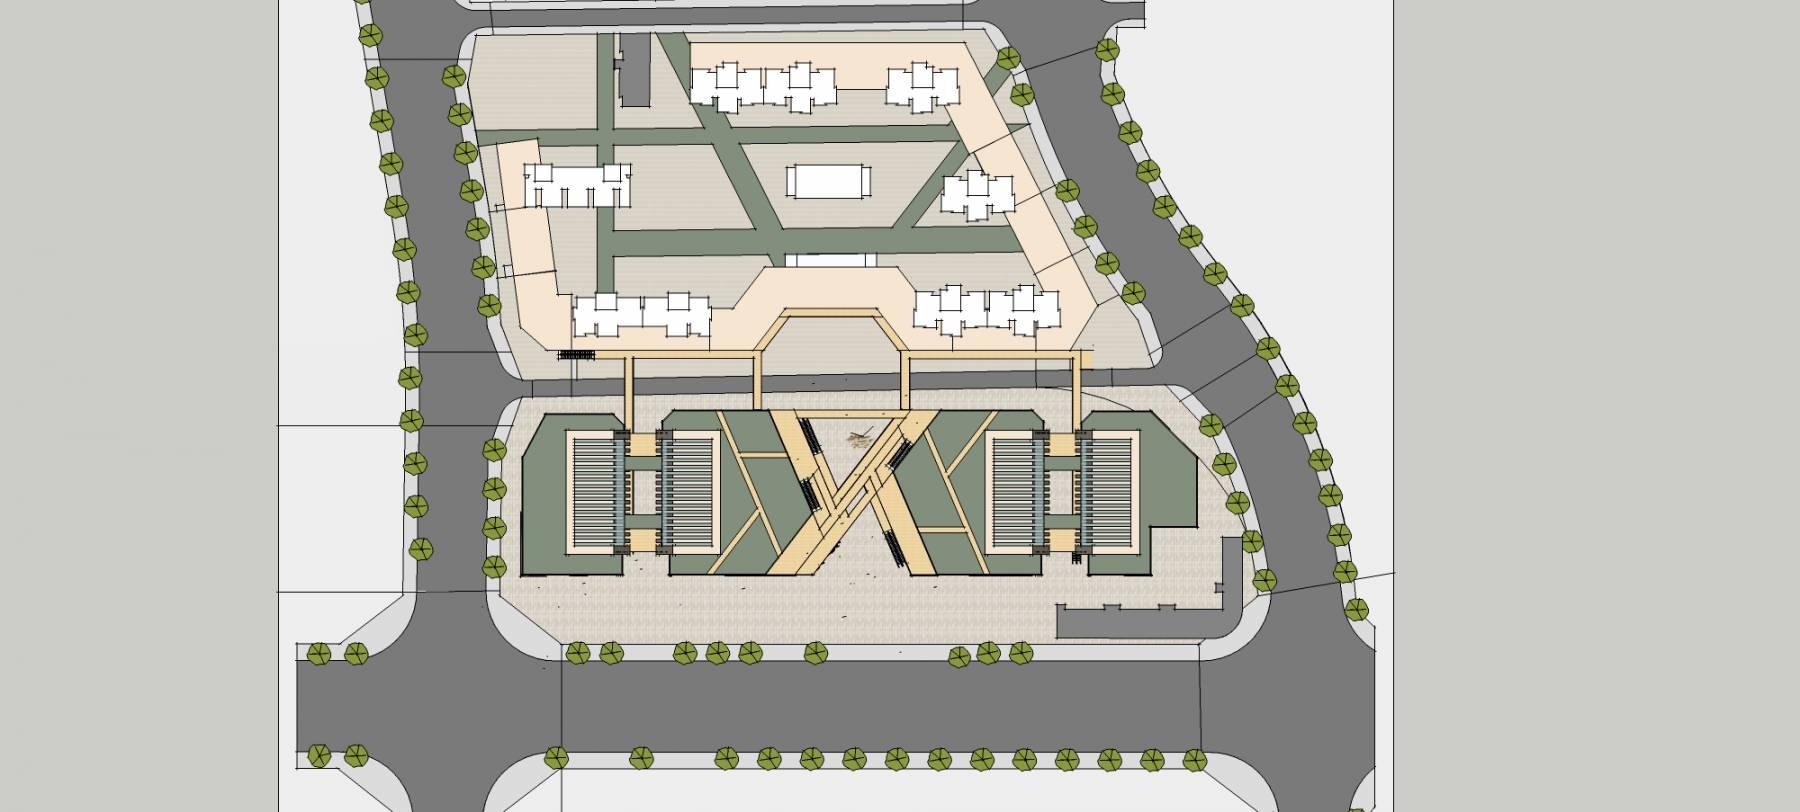 商业综合体双塔概念方案